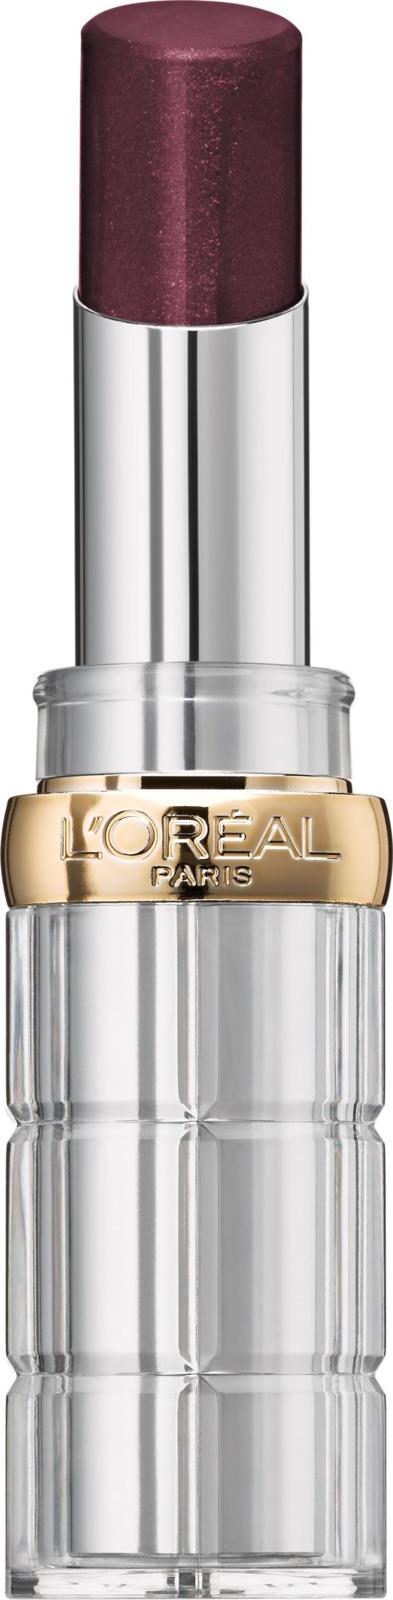 Помада для губ L'Oreal Paris Color Riche Shine, сияющая, защищающая, увлажняющая, оттенок 470, 4,8 г